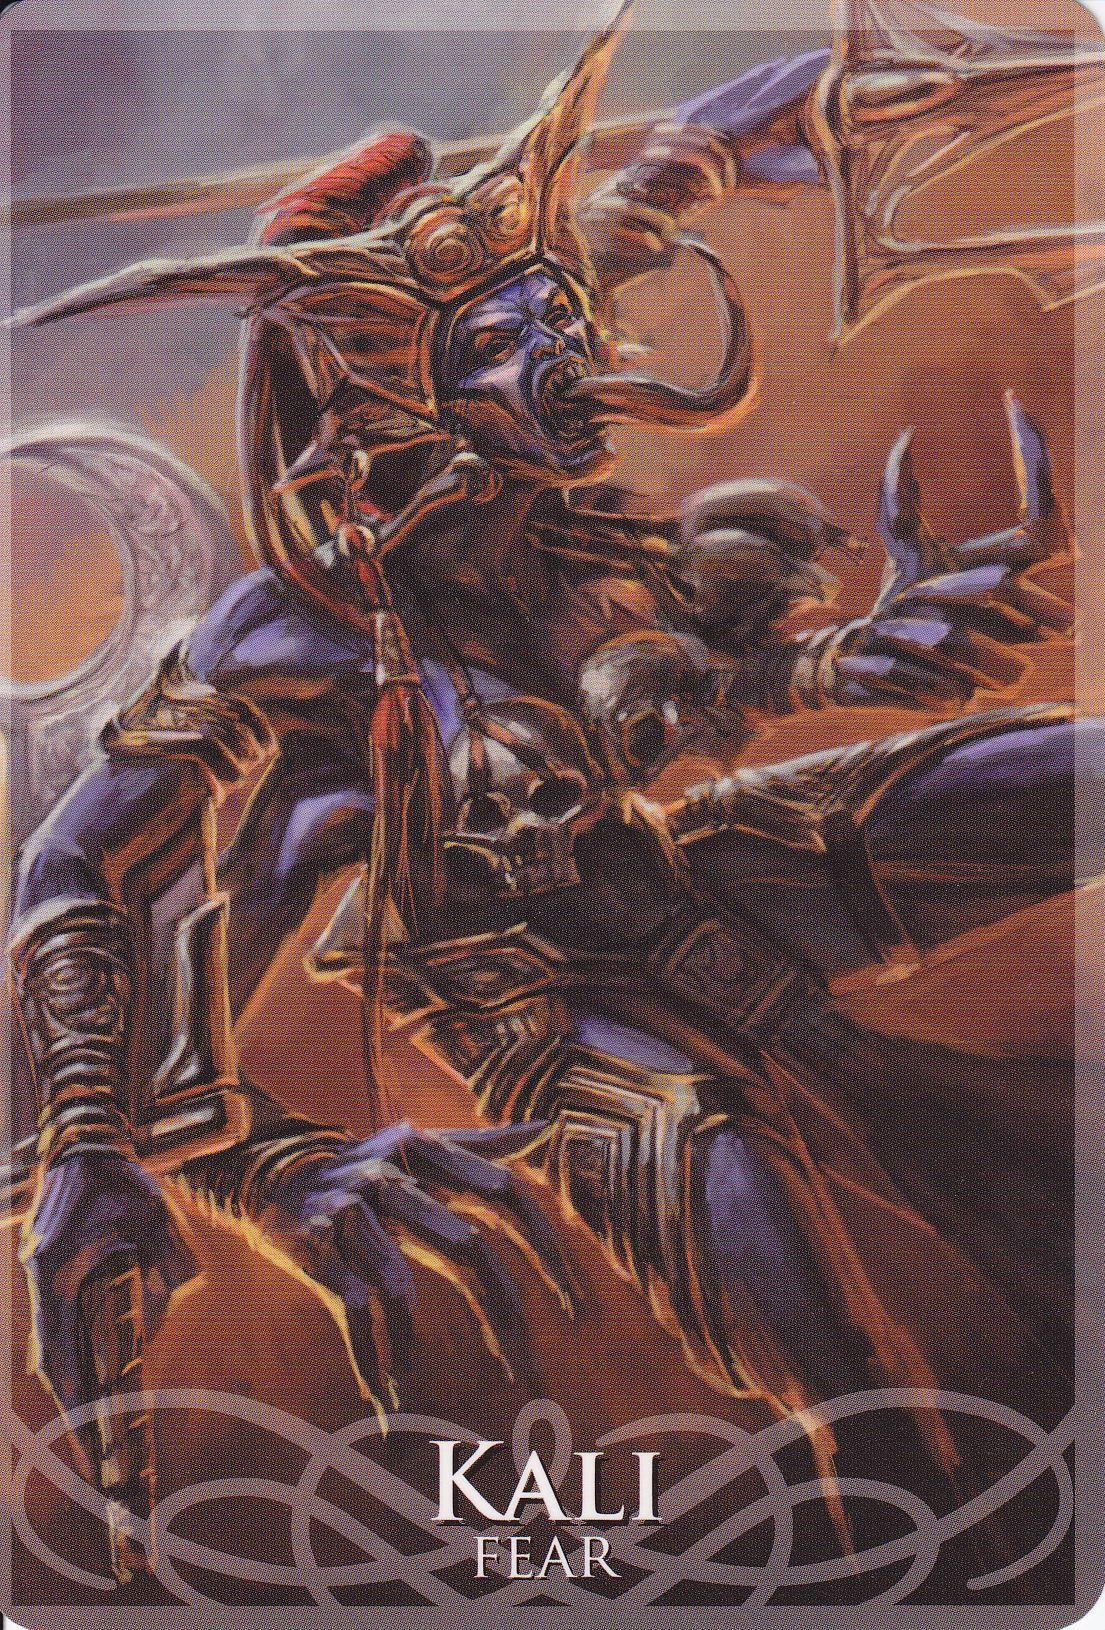 Kali fear gods and goddesses kali goddess egyptian gods